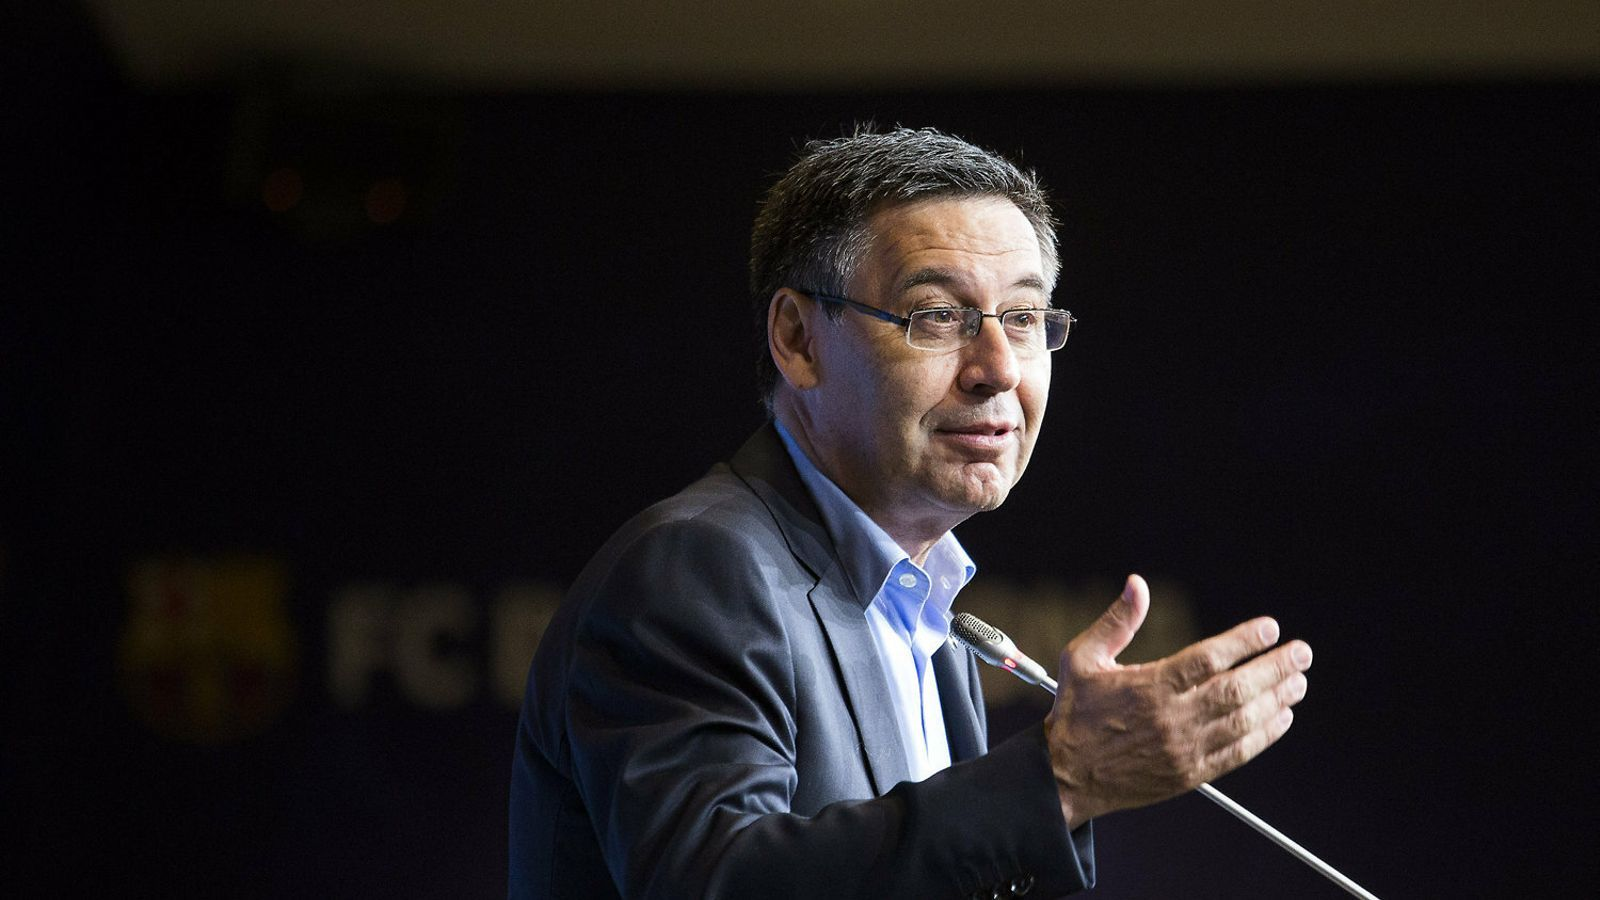 Bartomeu: «El Barça no ha contractat mai cap servei per desprestigiar a ningú, és fals»